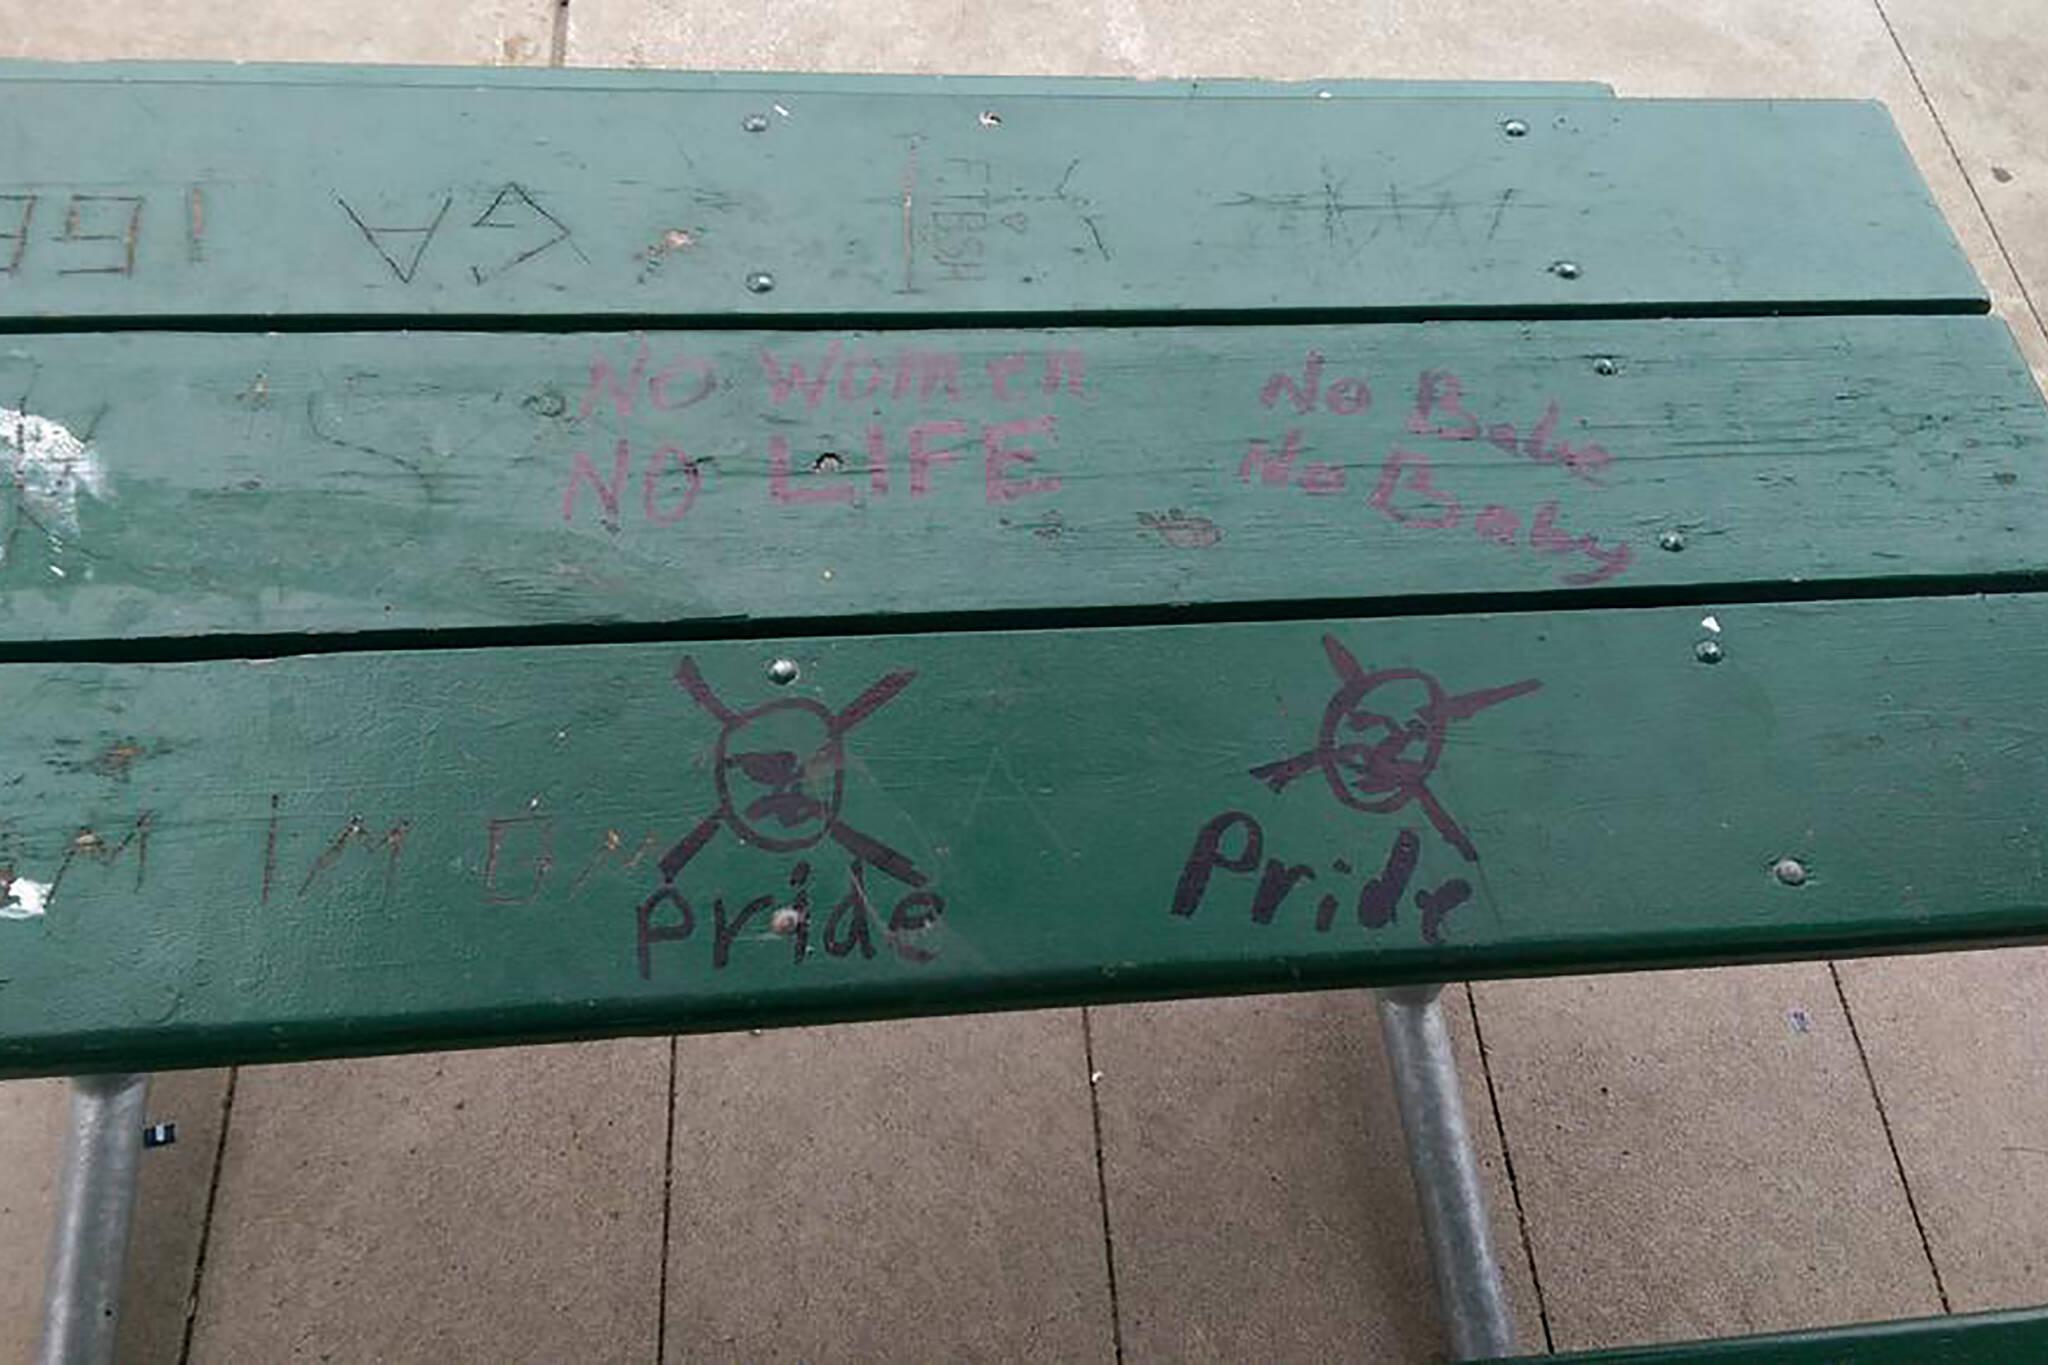 anti LGBTQ graffiti